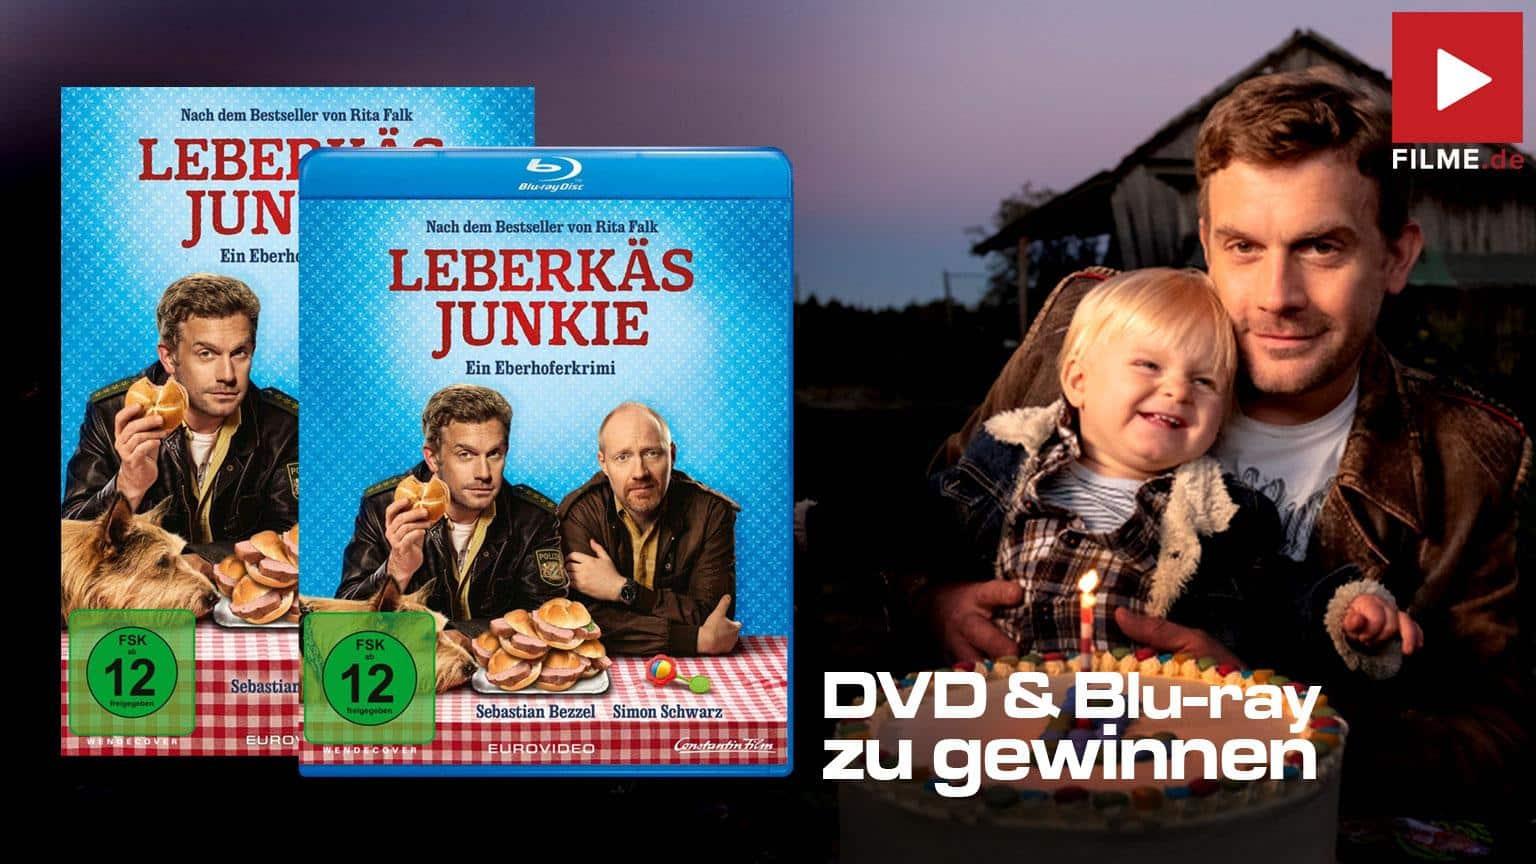 LEBERKÄSJUNKIE gewinnspiel dvd blu-ray shop kaufen artikelbild